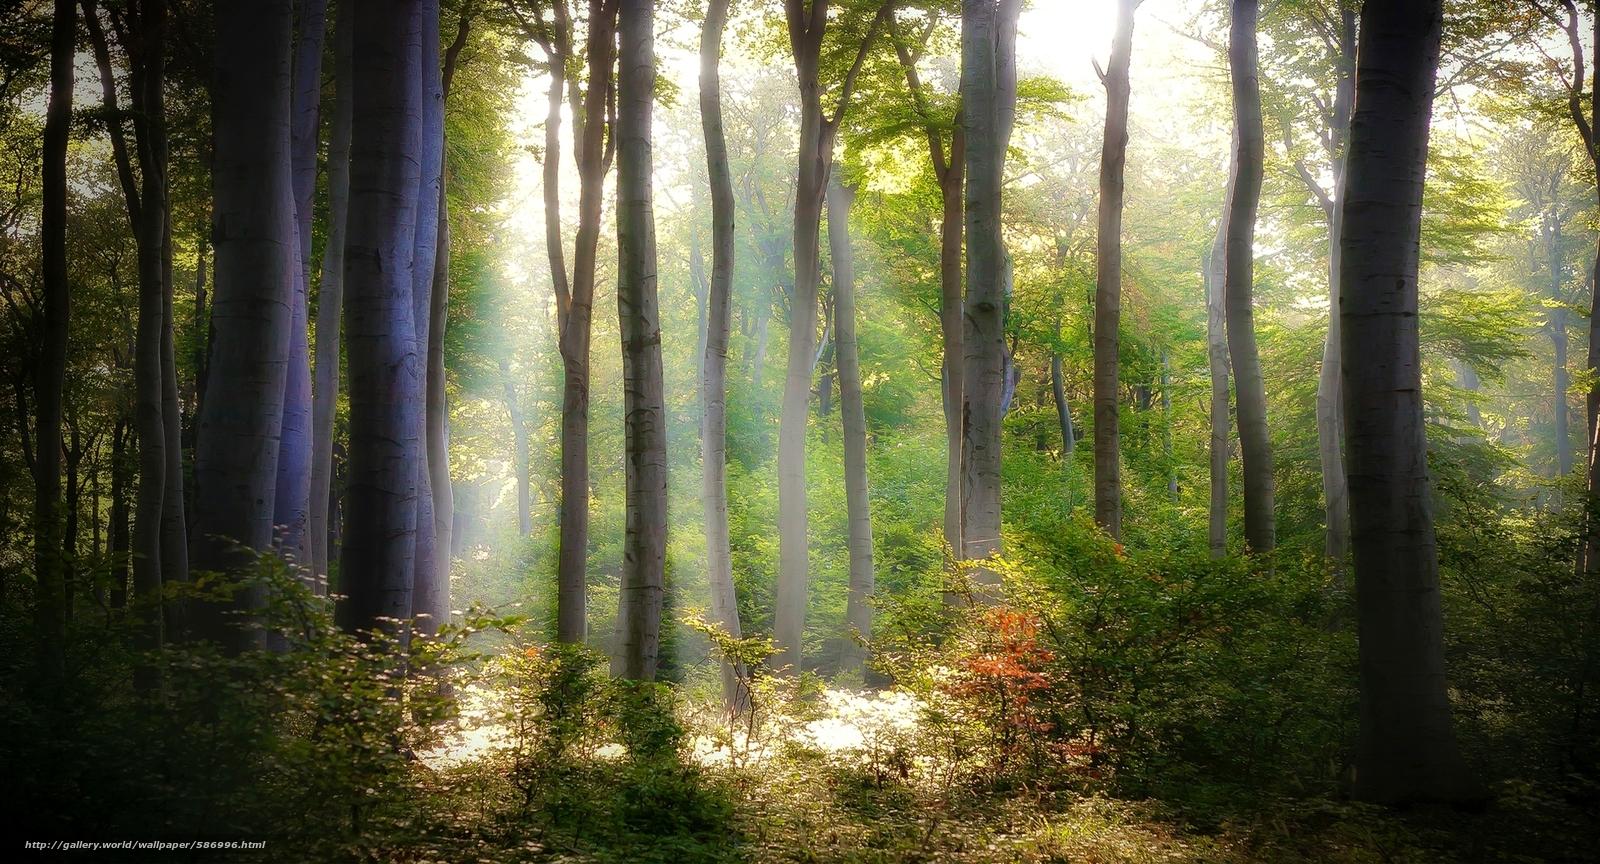 Скачать обои деревья,  лес,  свет,  зеленые бесплатно для рабочего стола в разрешении 2000x1080 — картинка №586996